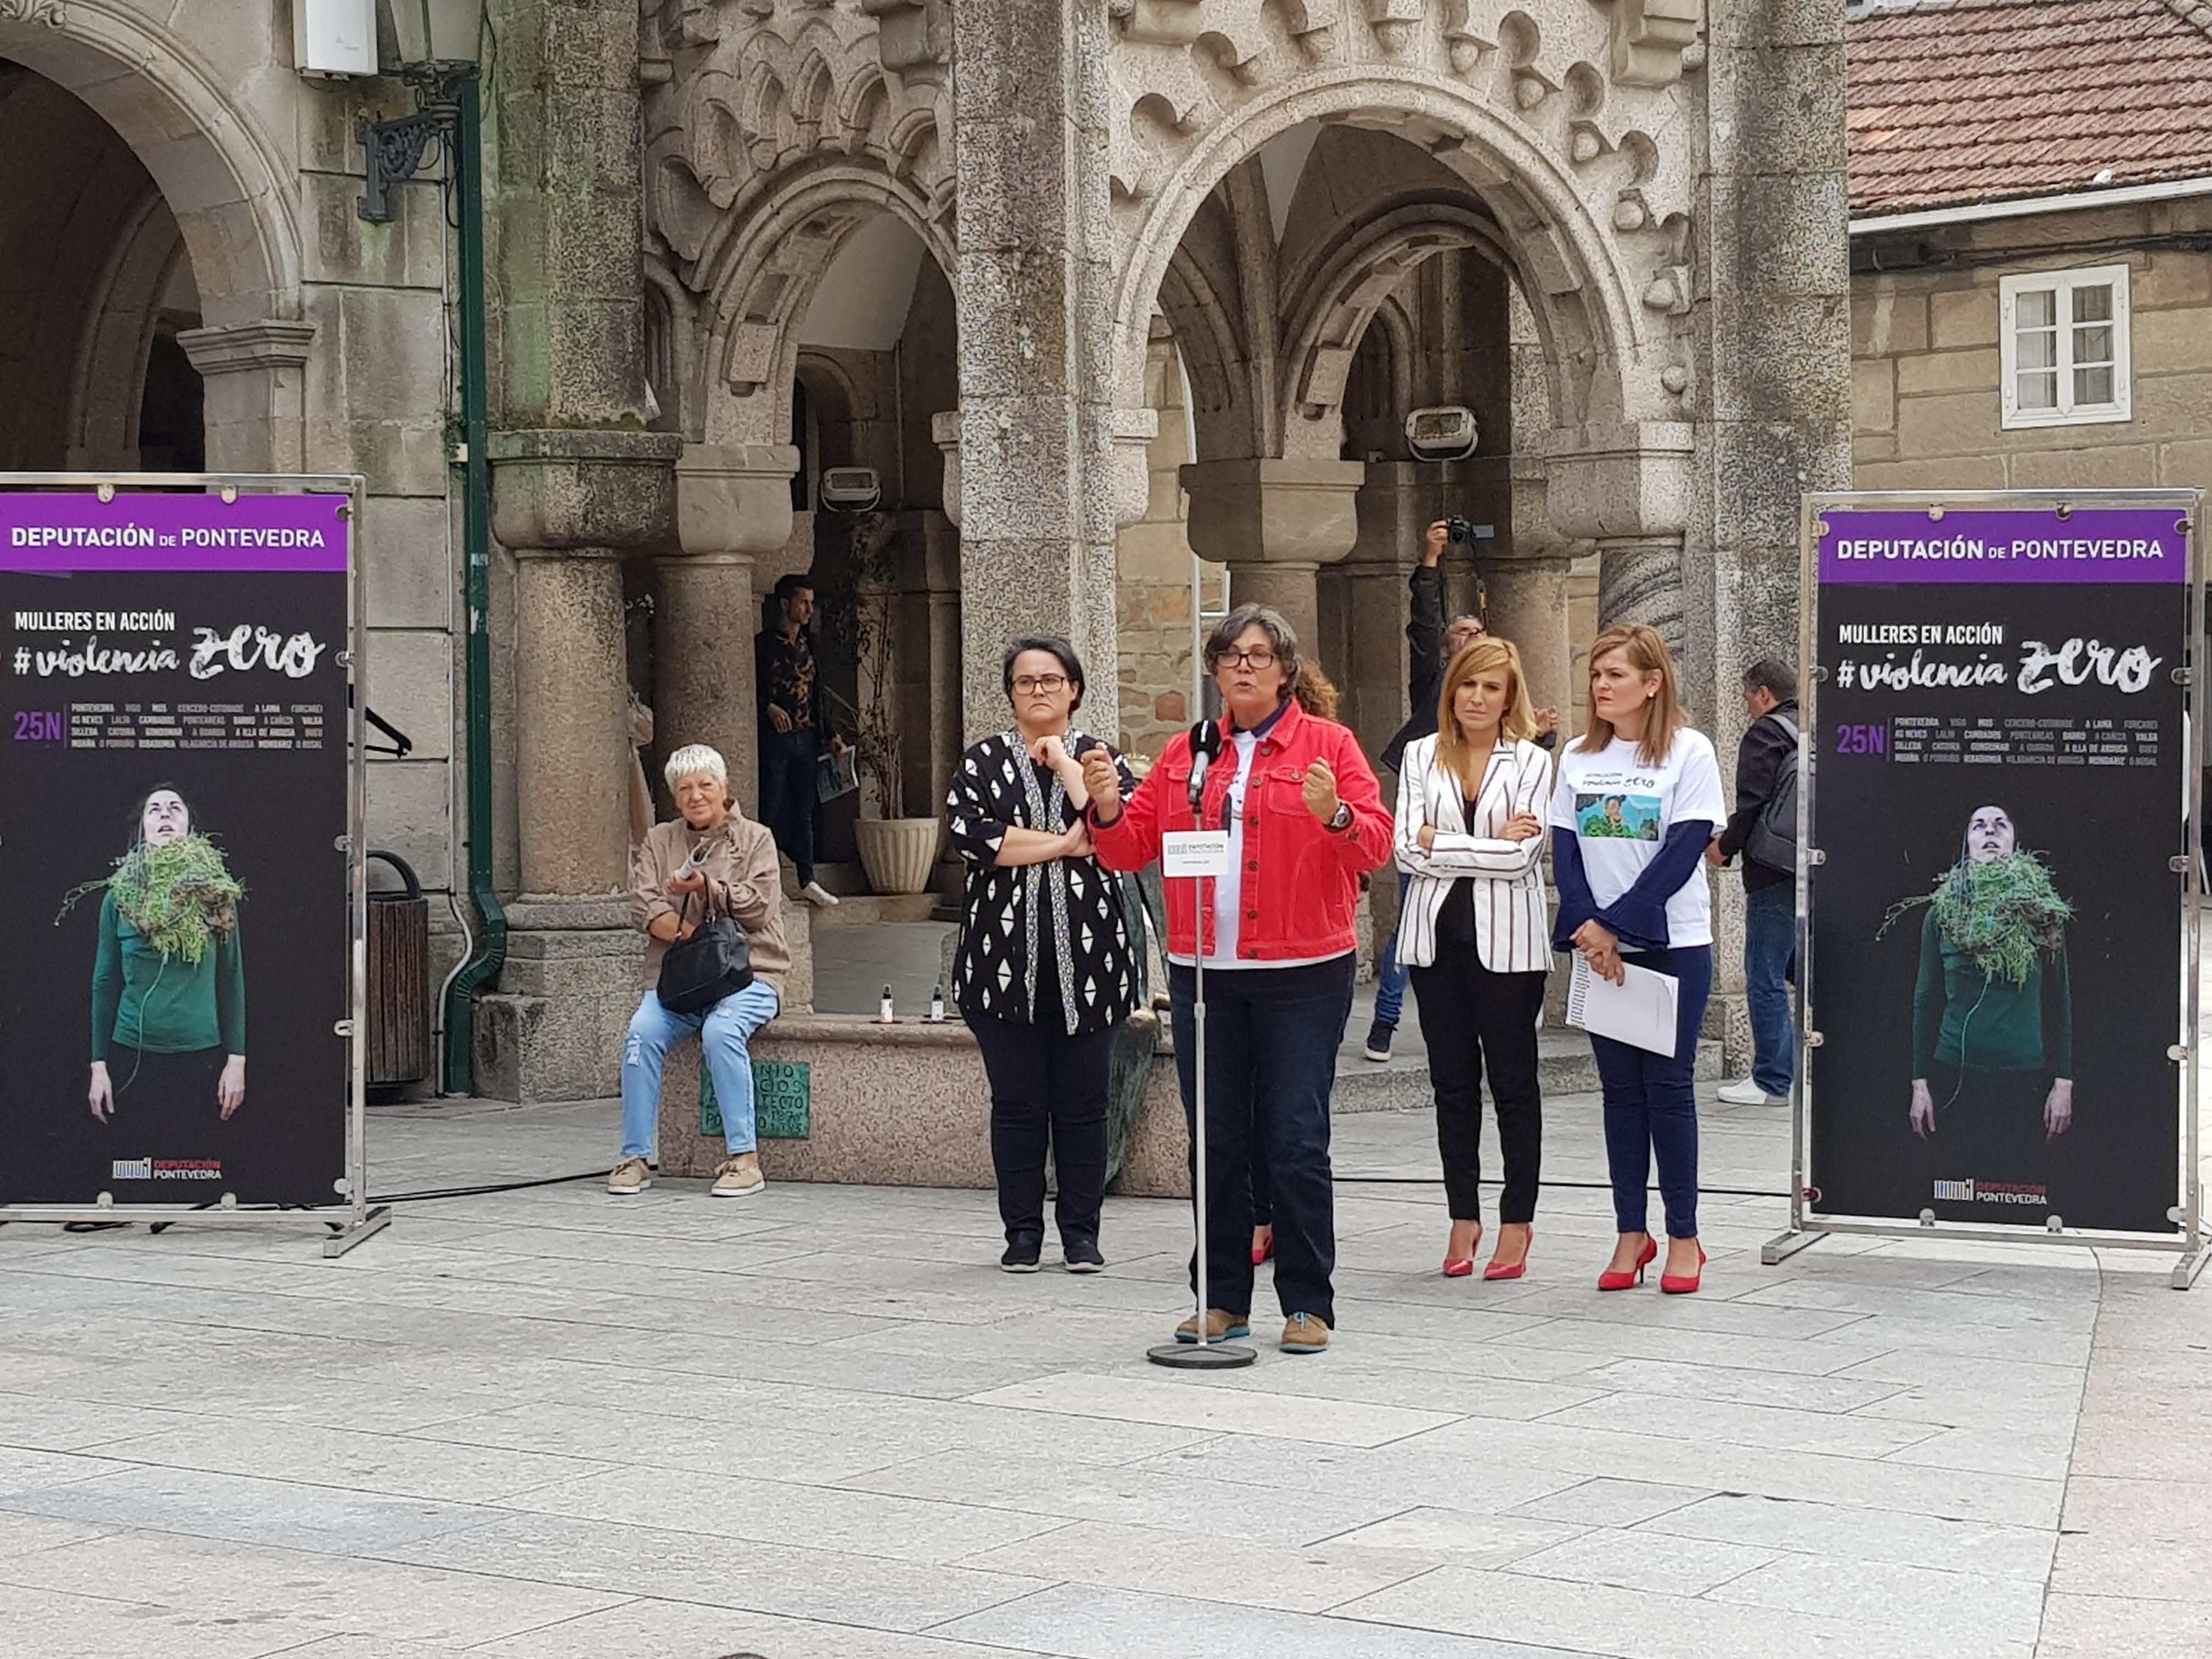 """A alcadesa súmase á iniciativa da @depo_es 'Mulleres en Acción. Violencia Zero' e subliña a importancia de """"desterrar os micromachismos e os macromachismos'"""